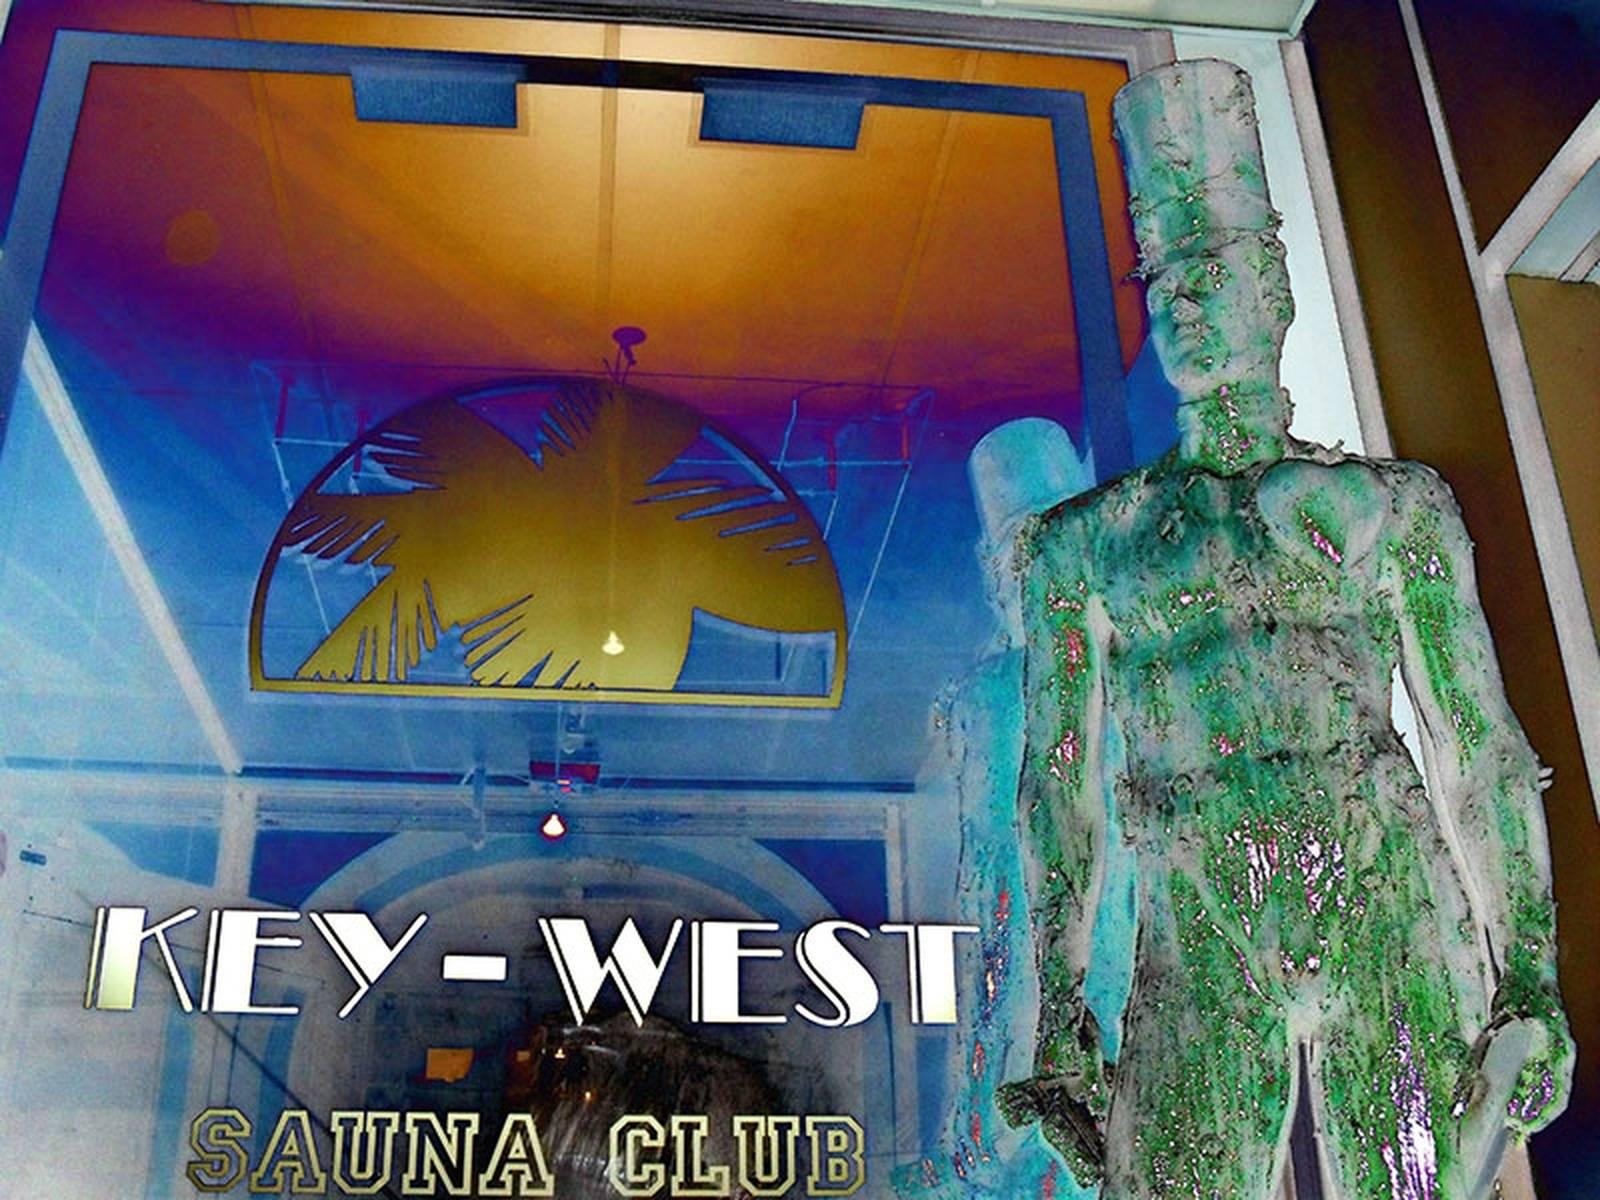 key west sauna